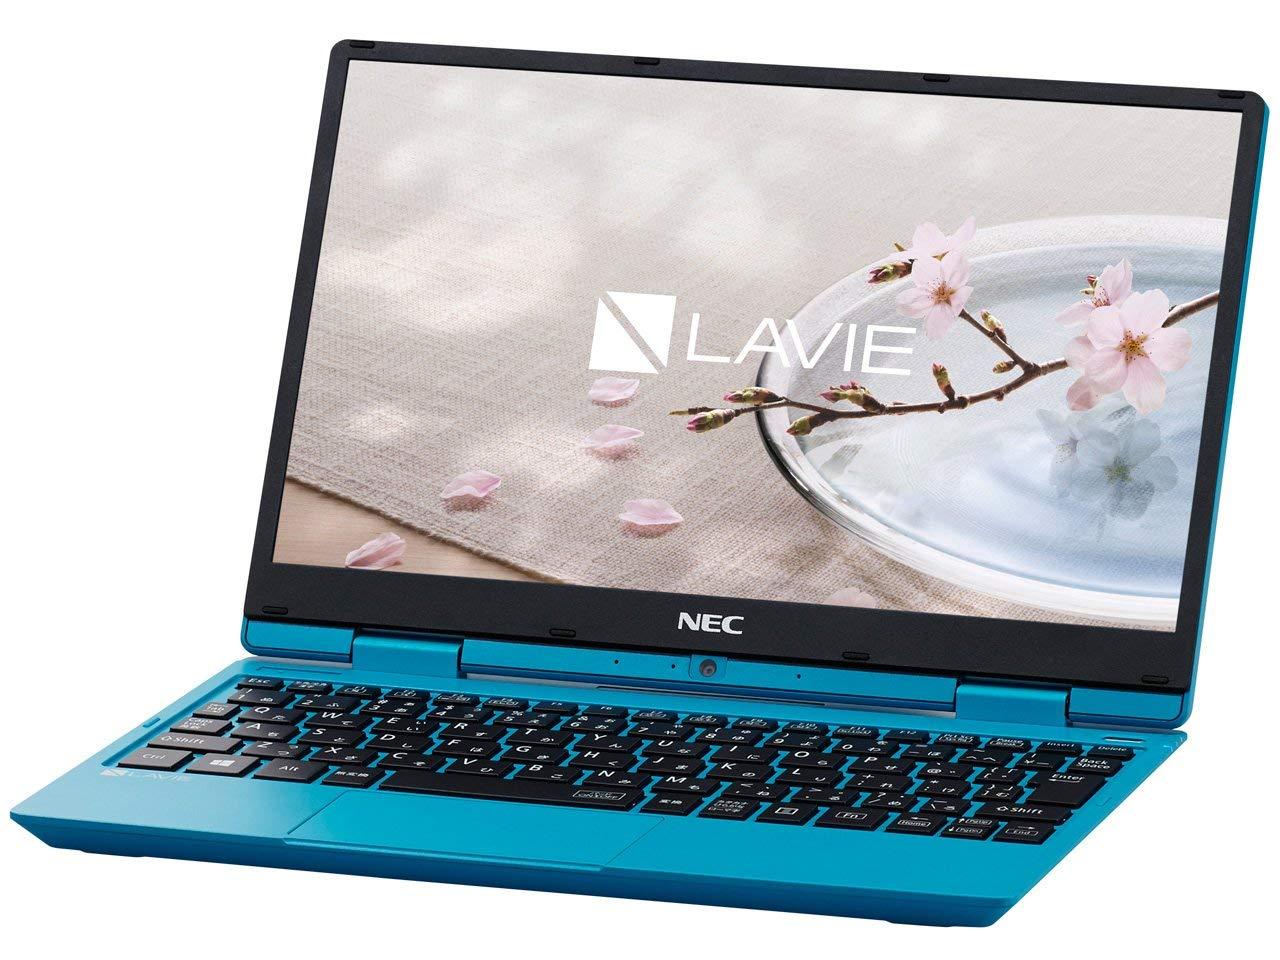 NEC製パソコンのおすすめ8選&選び方【2020年版】